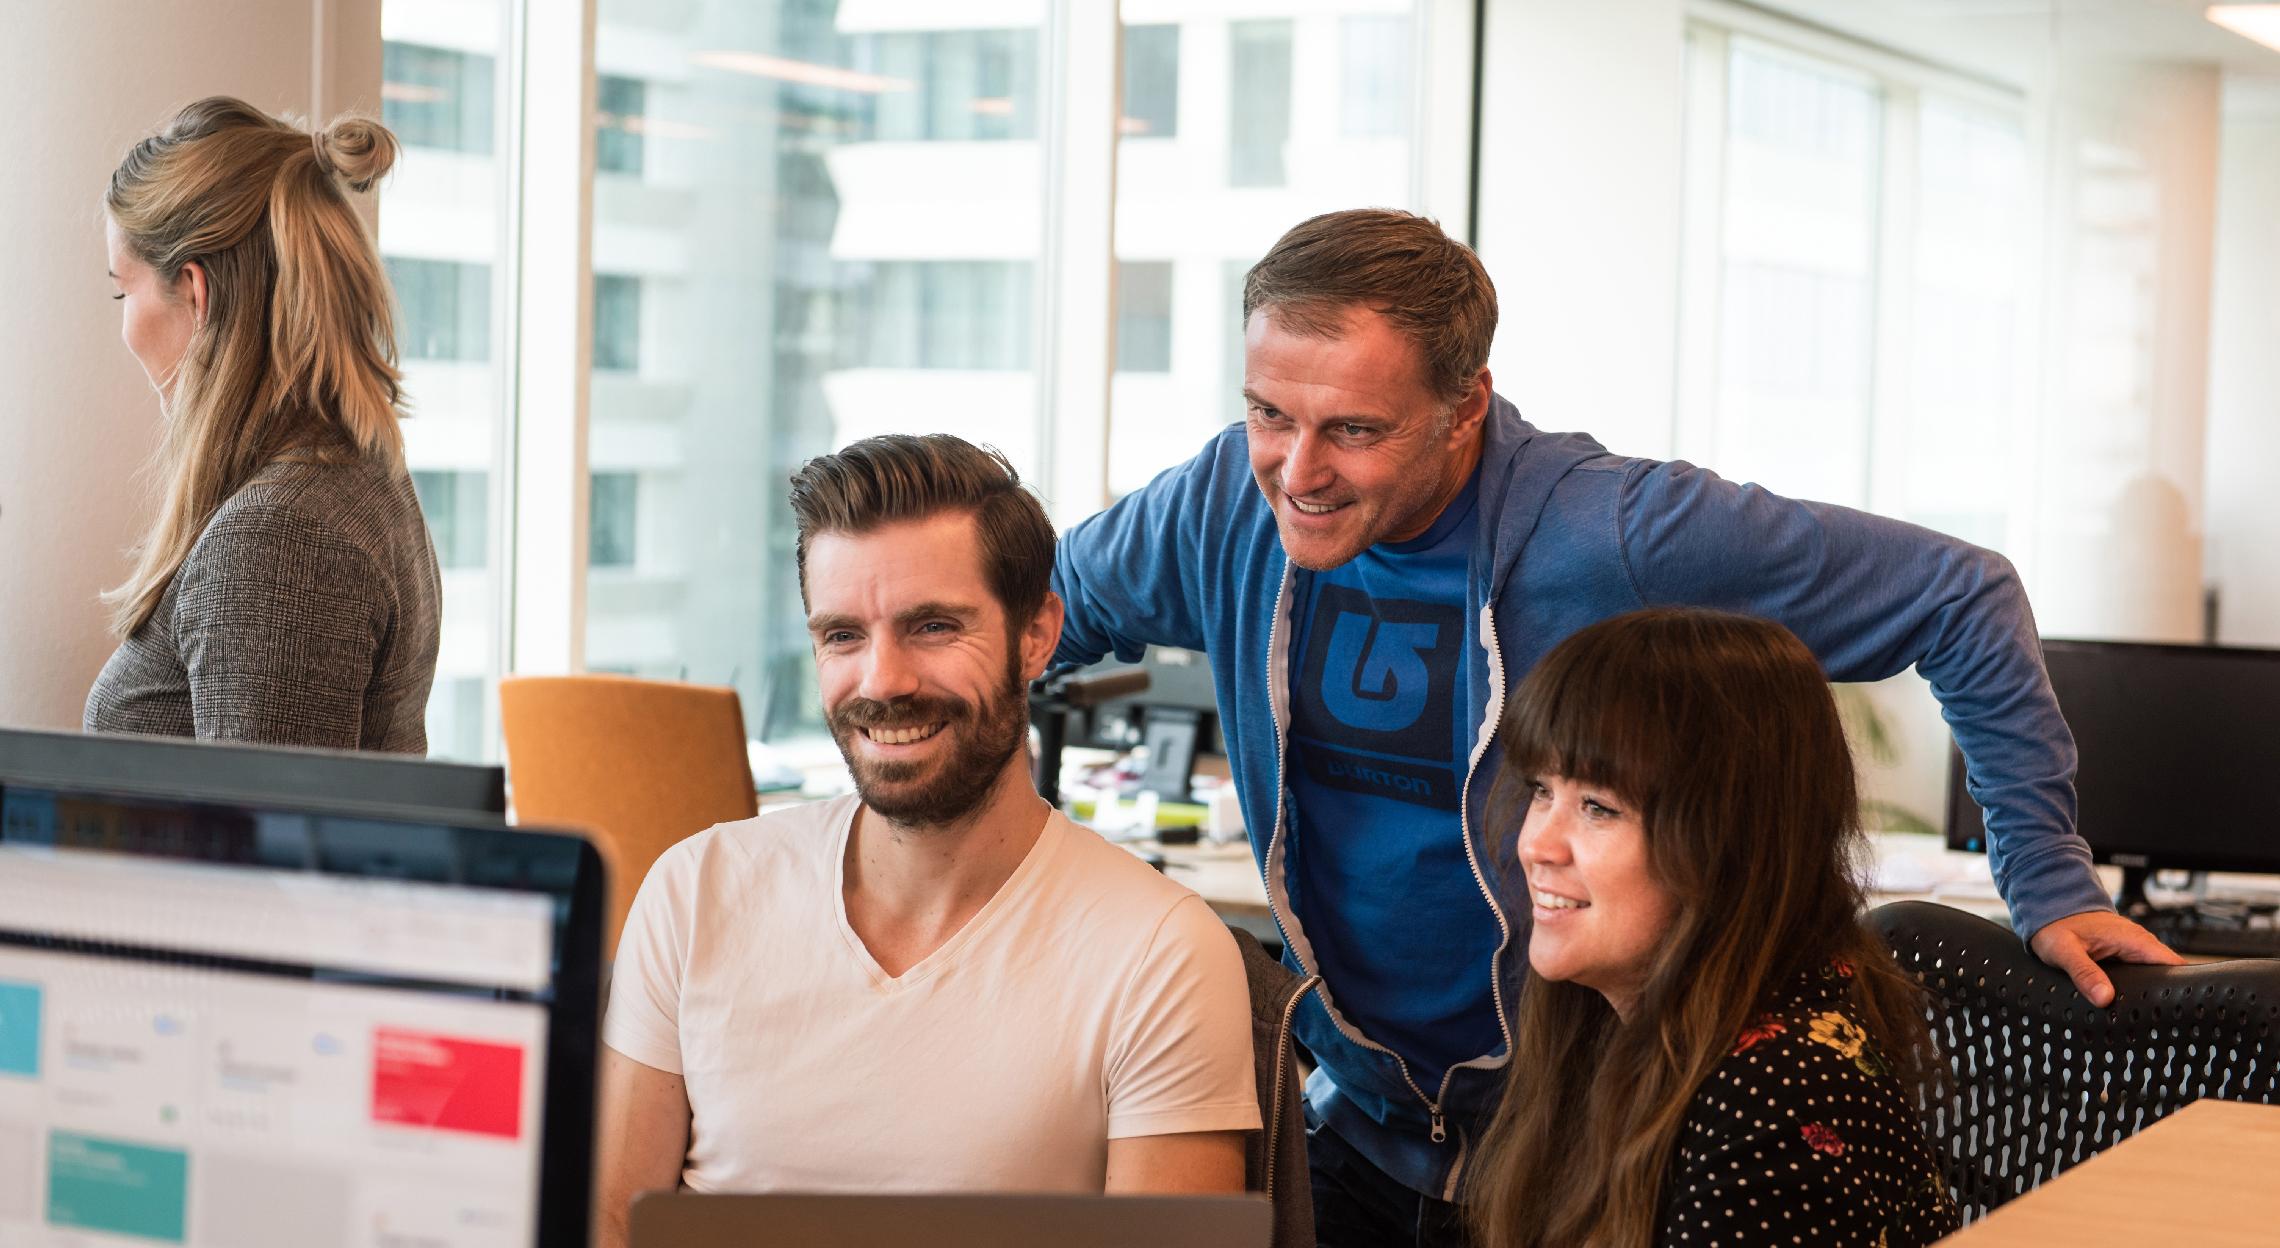 Bart, Remko en Amanda in overleg achter een computer